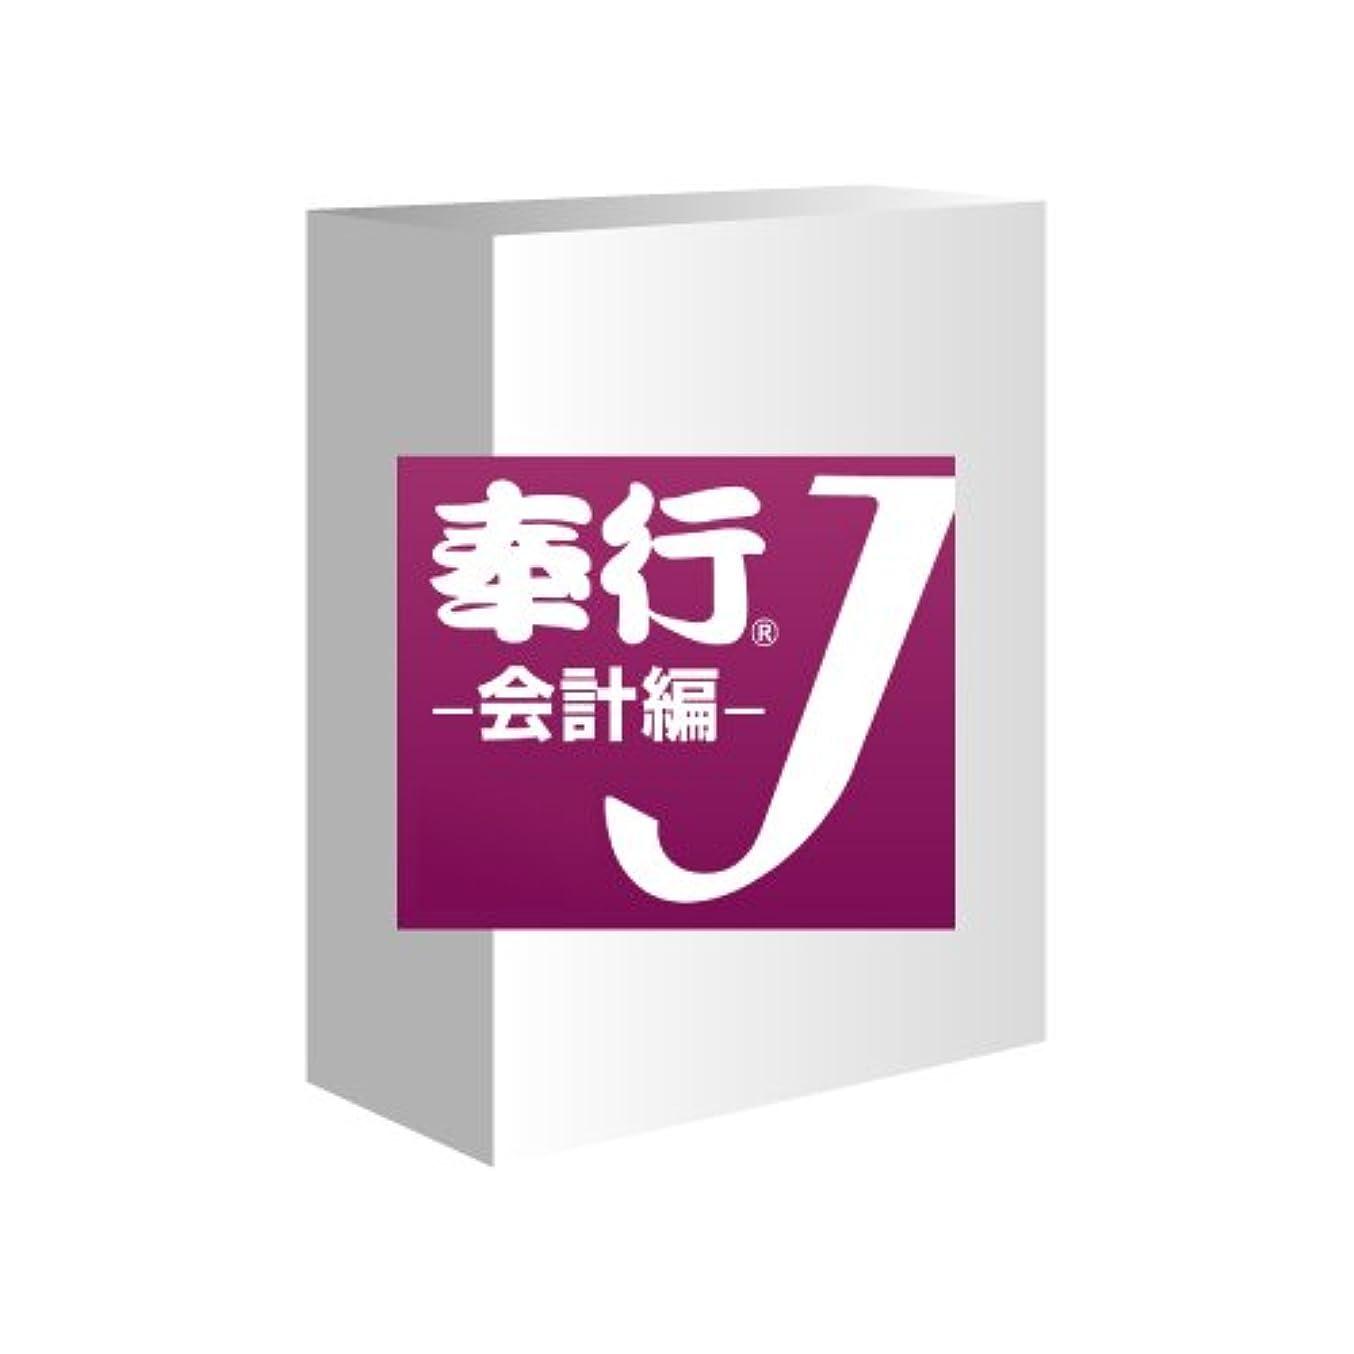 インキュバス土地スペードOBC 奉行J -会計編- 【オービックビジネスコンサルタント】